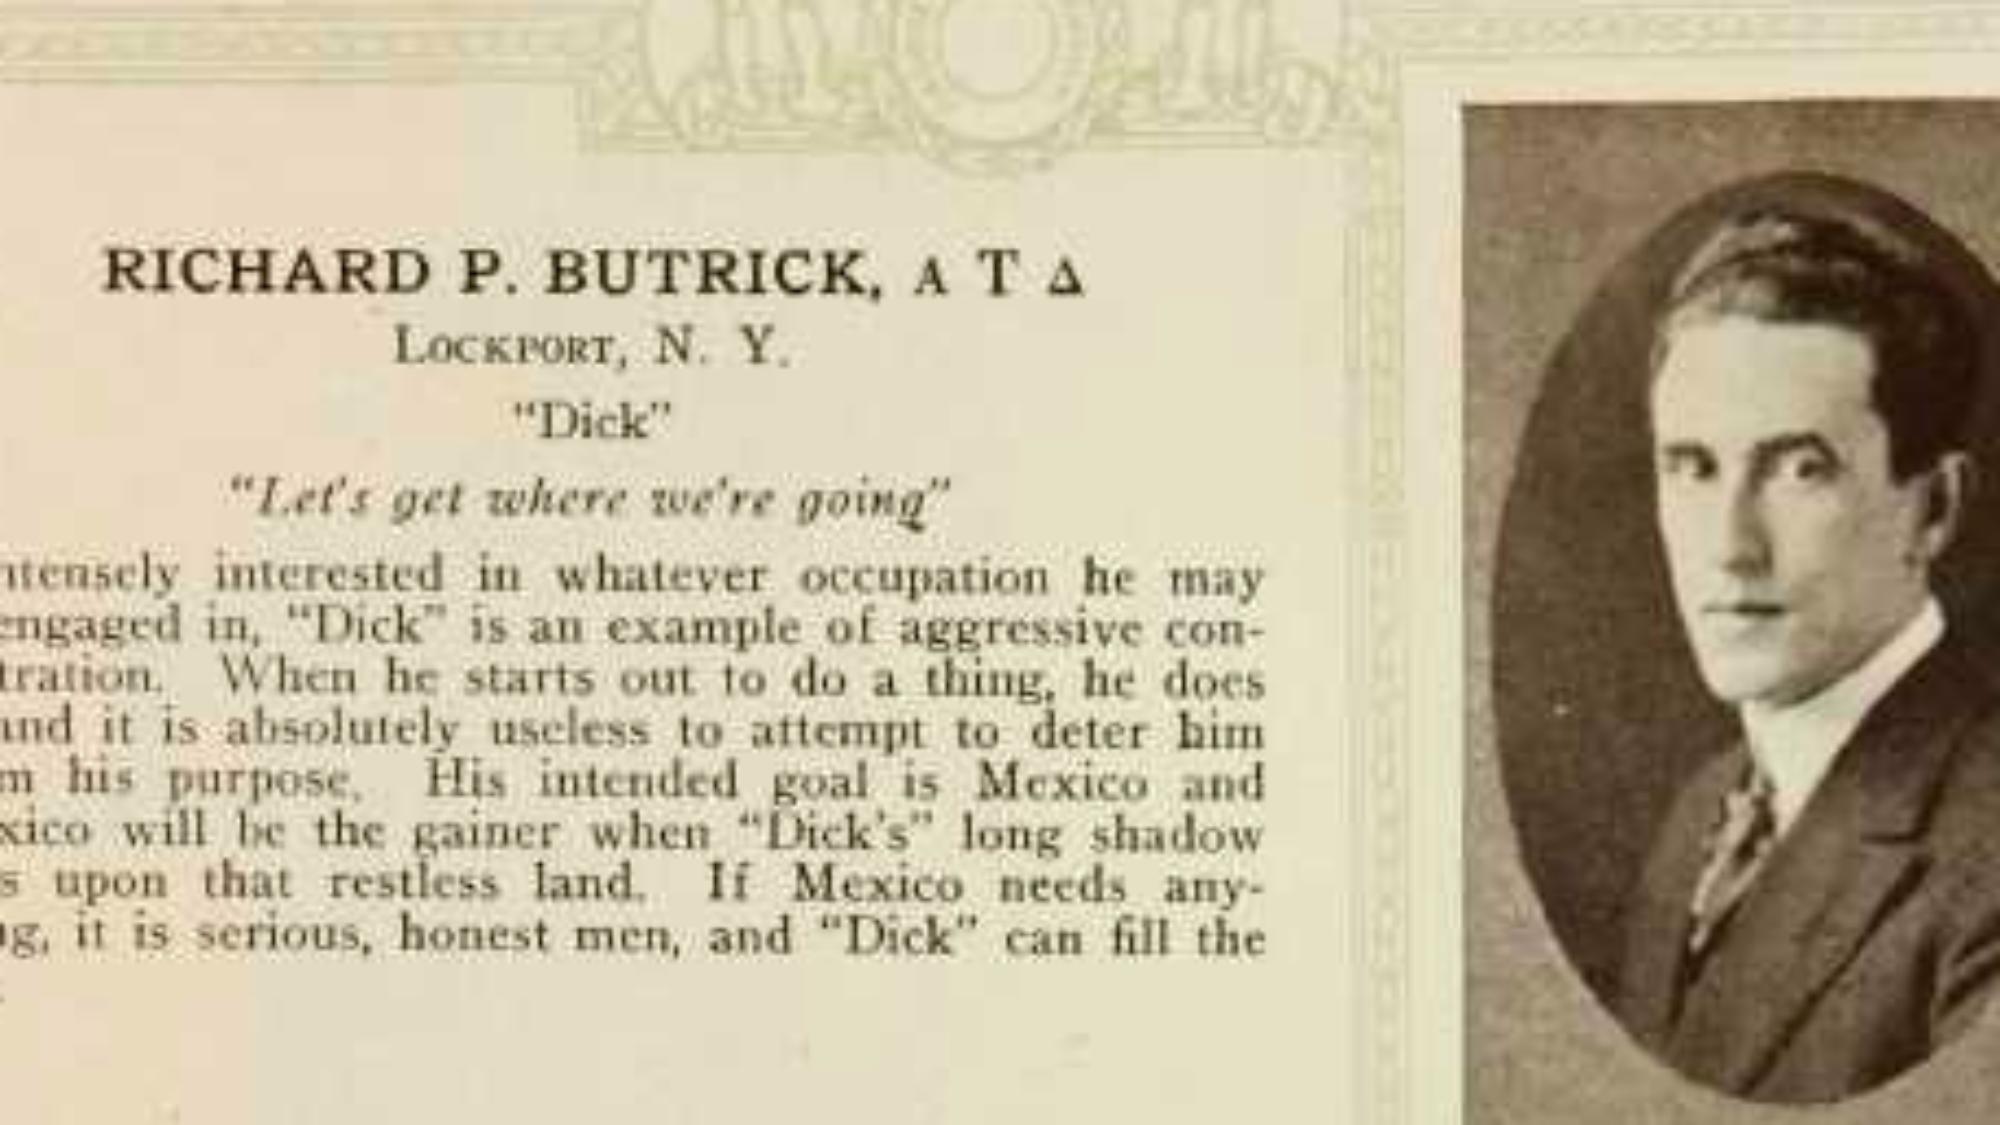 Richard P. Butrick yearbook photo